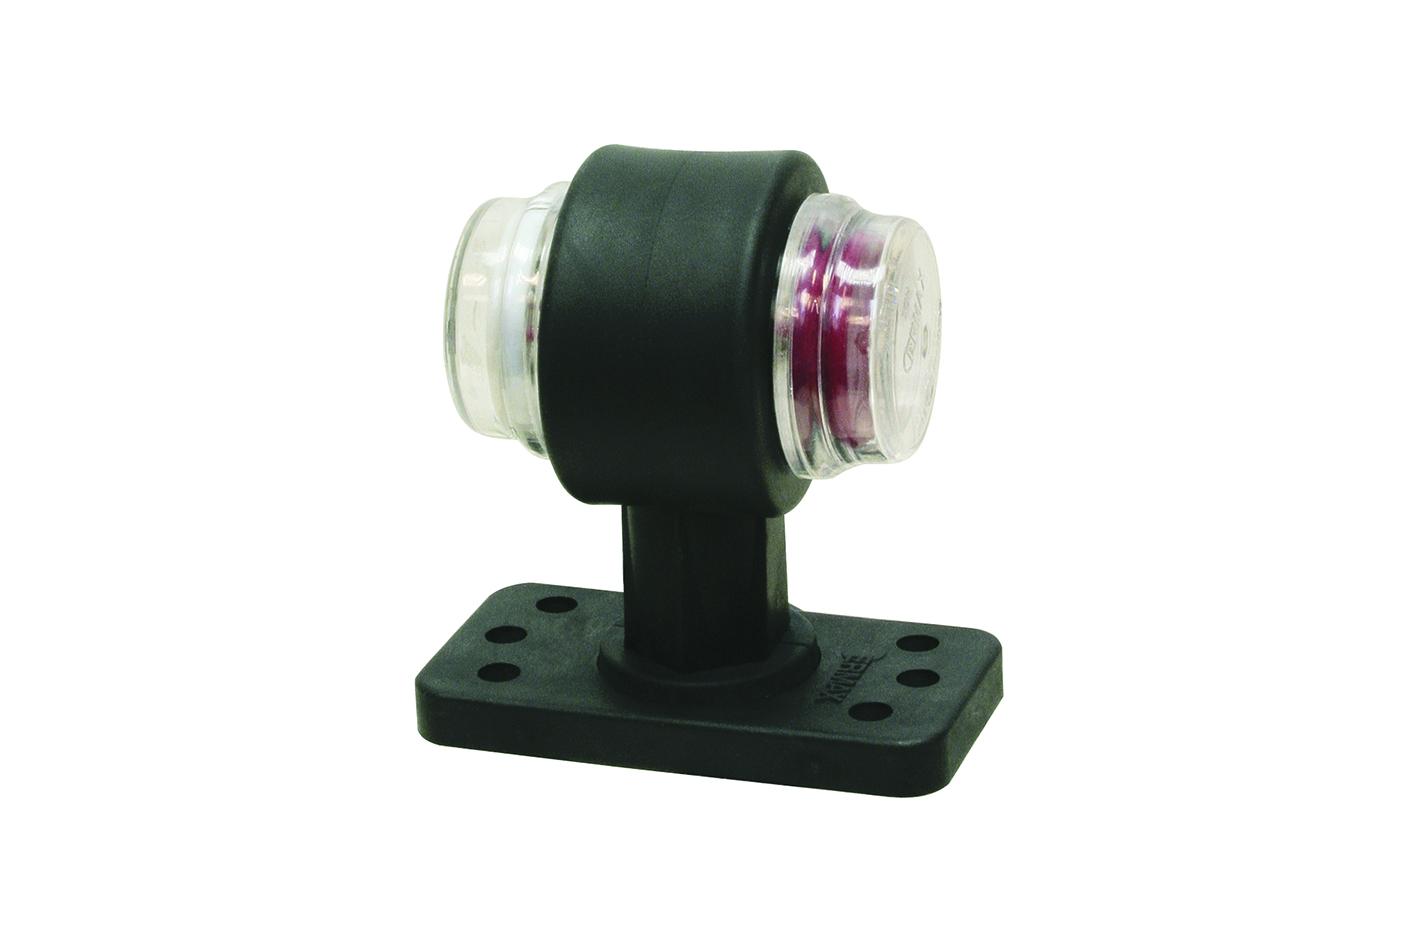 LED Begrenzungsleuchte 24V  Anbau links / rechts